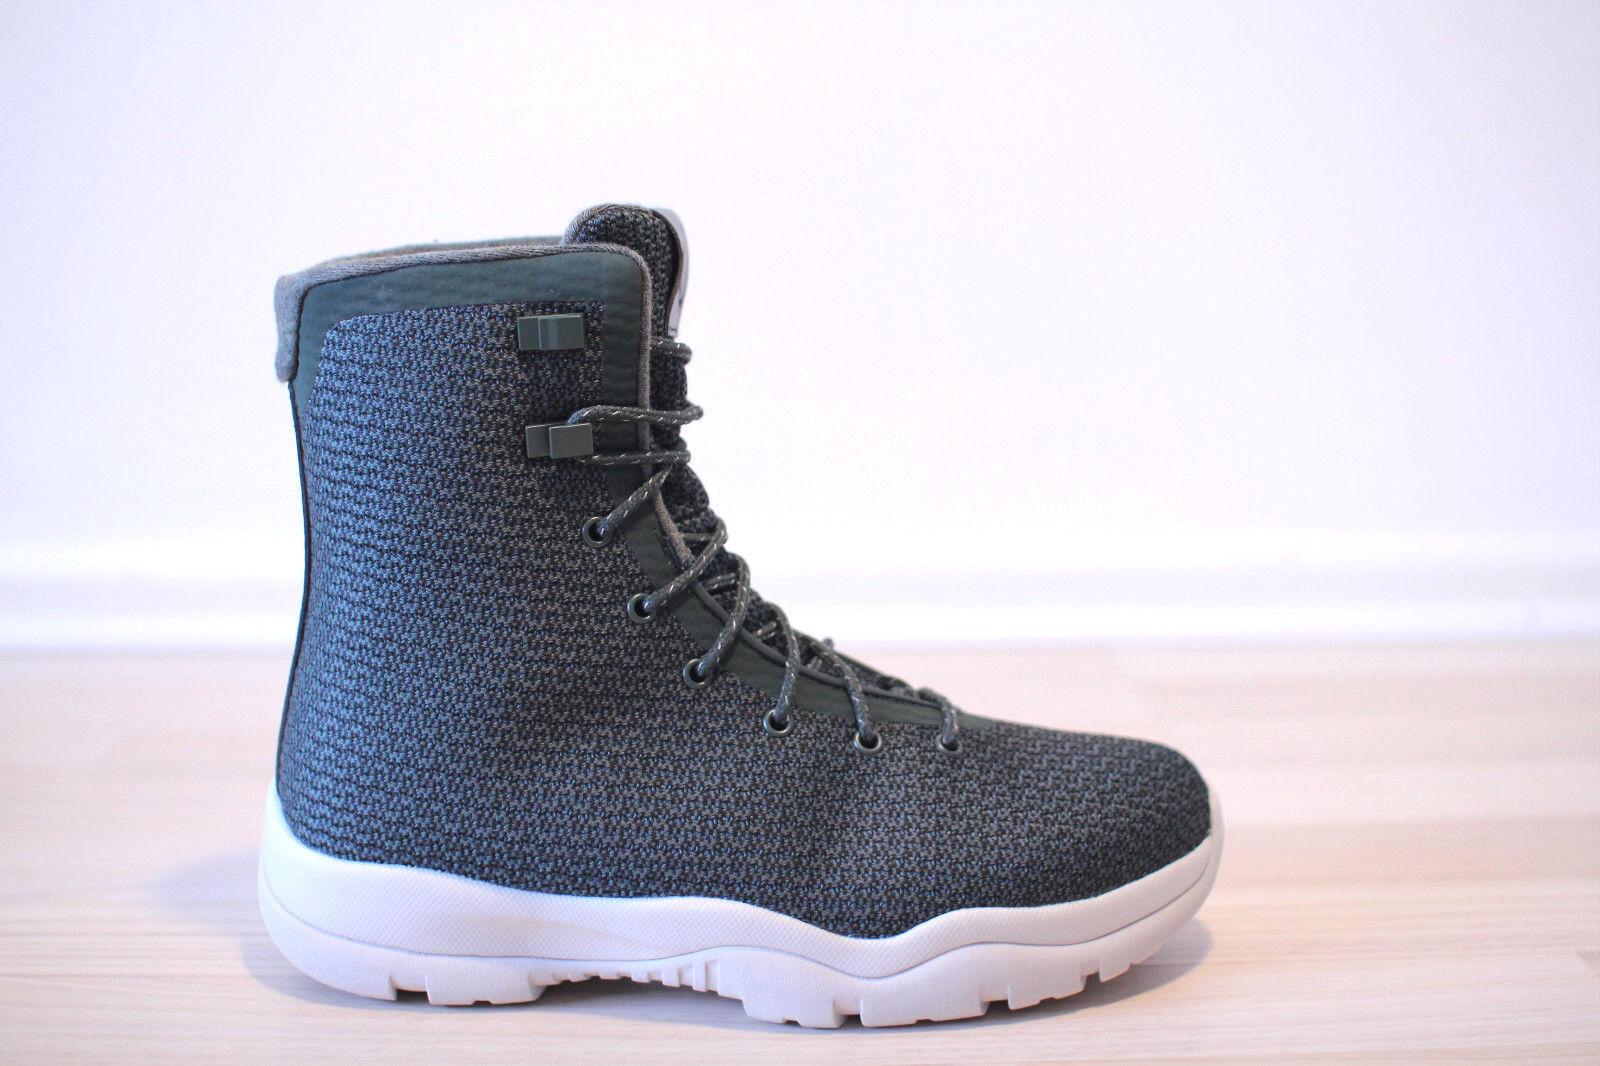 new arrival 95f0a 0b86f ... free shipping nike jordan future boot 41 winterstiefel grün weiß gr. 41  boot uk 7